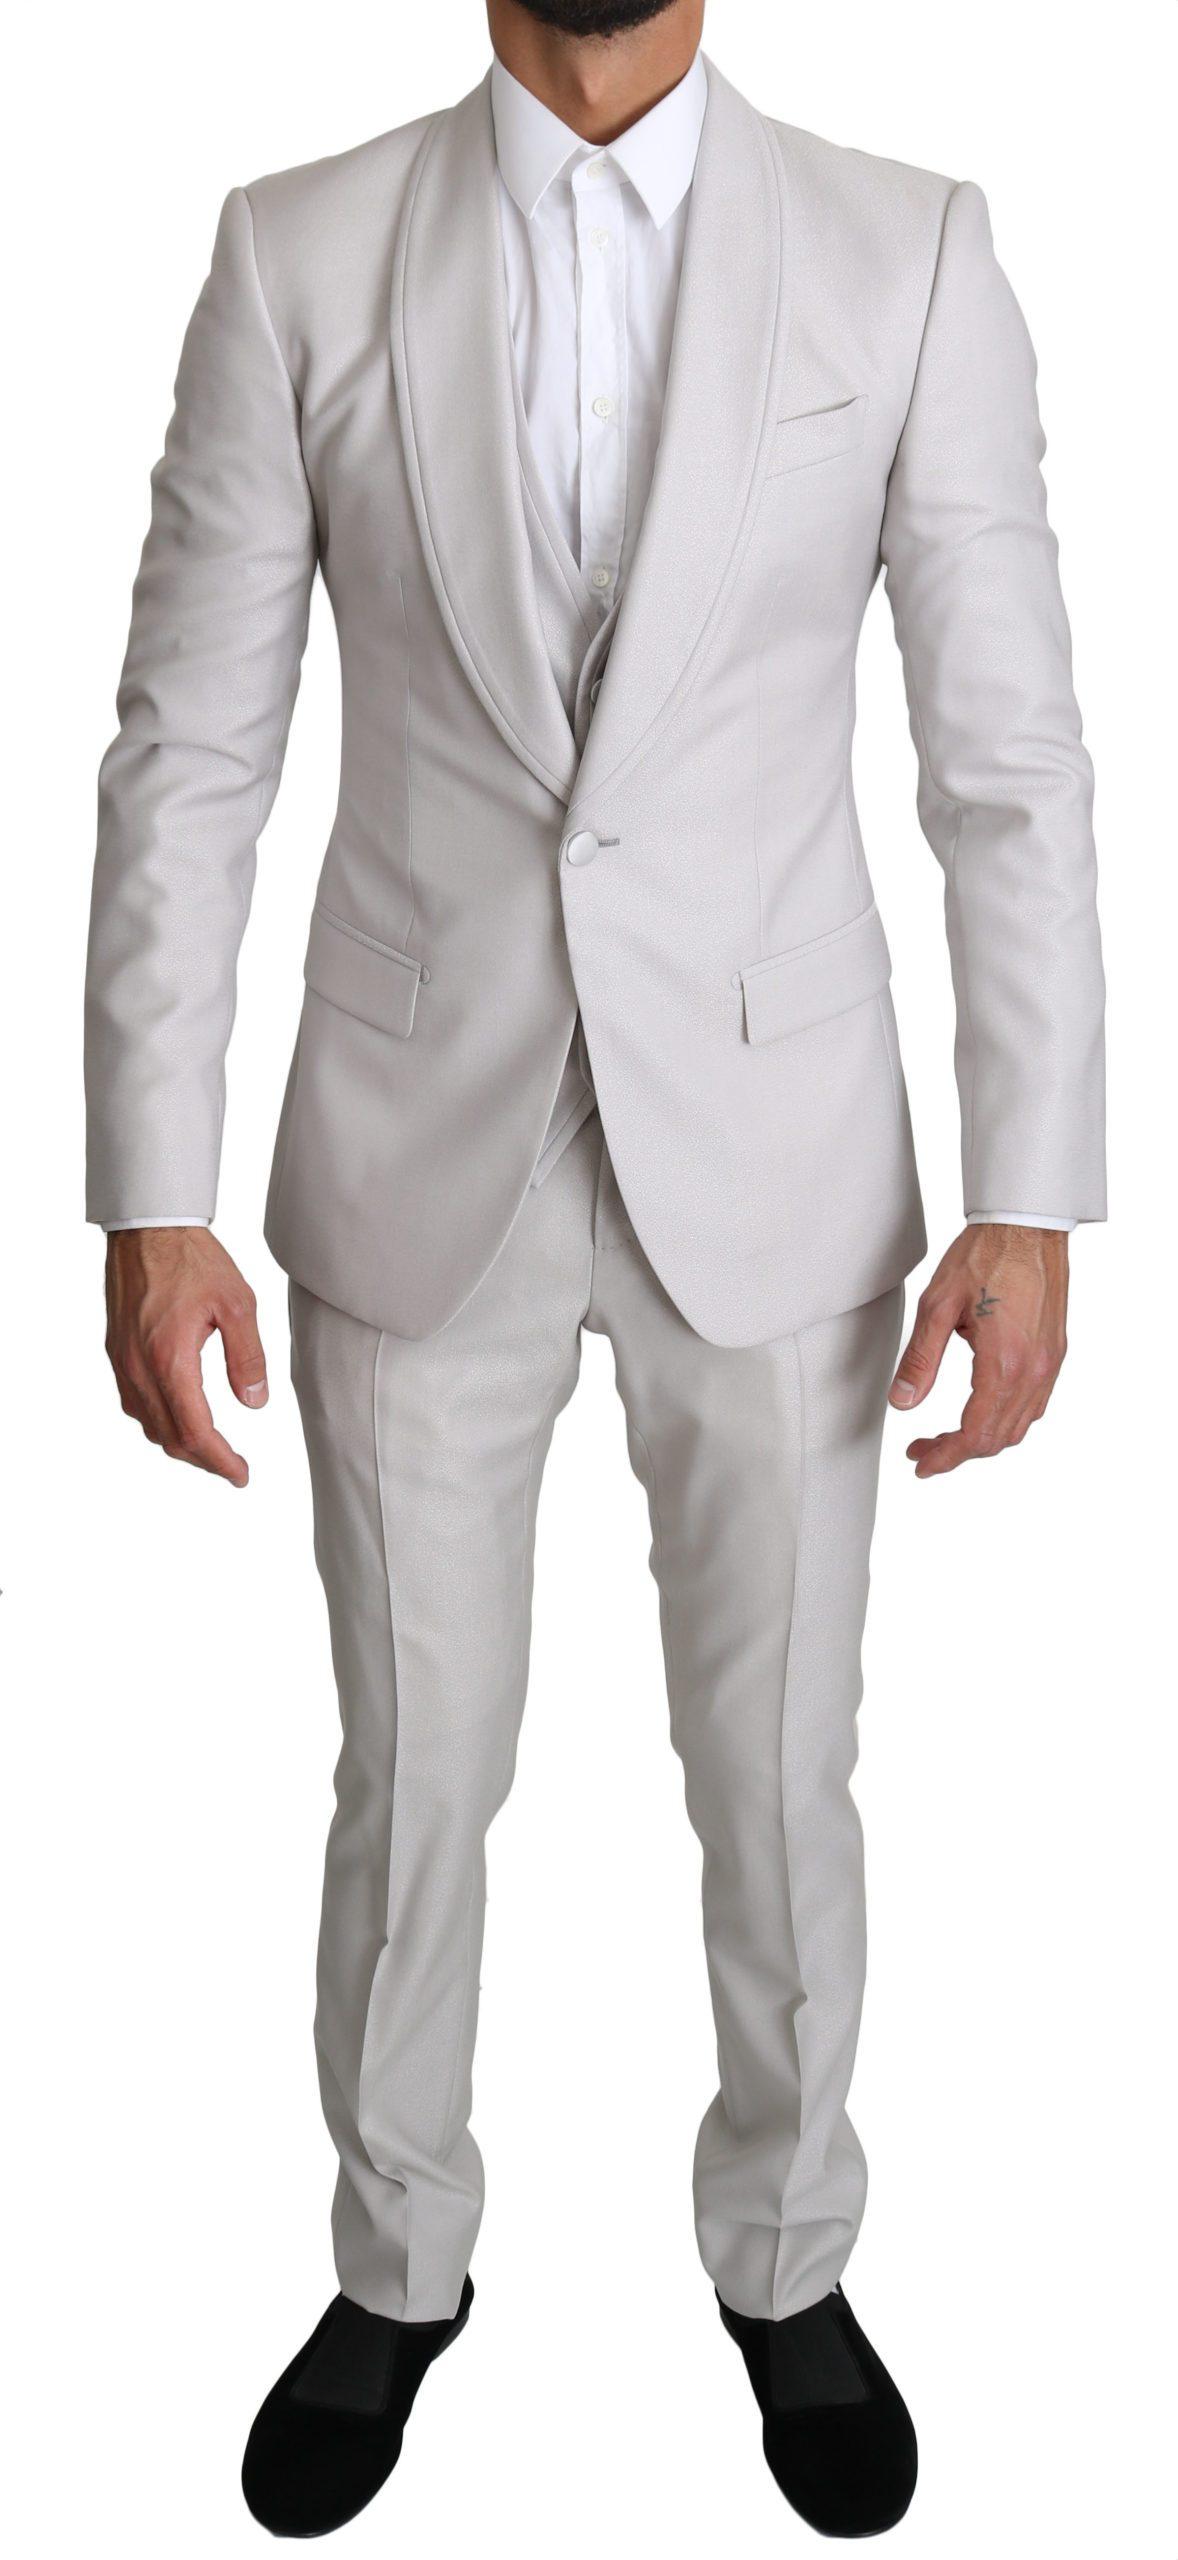 Dolce & Gabbana Men's Single Breasted 3 Piece Wool Suit Silver KOS1519 - IT44   XS